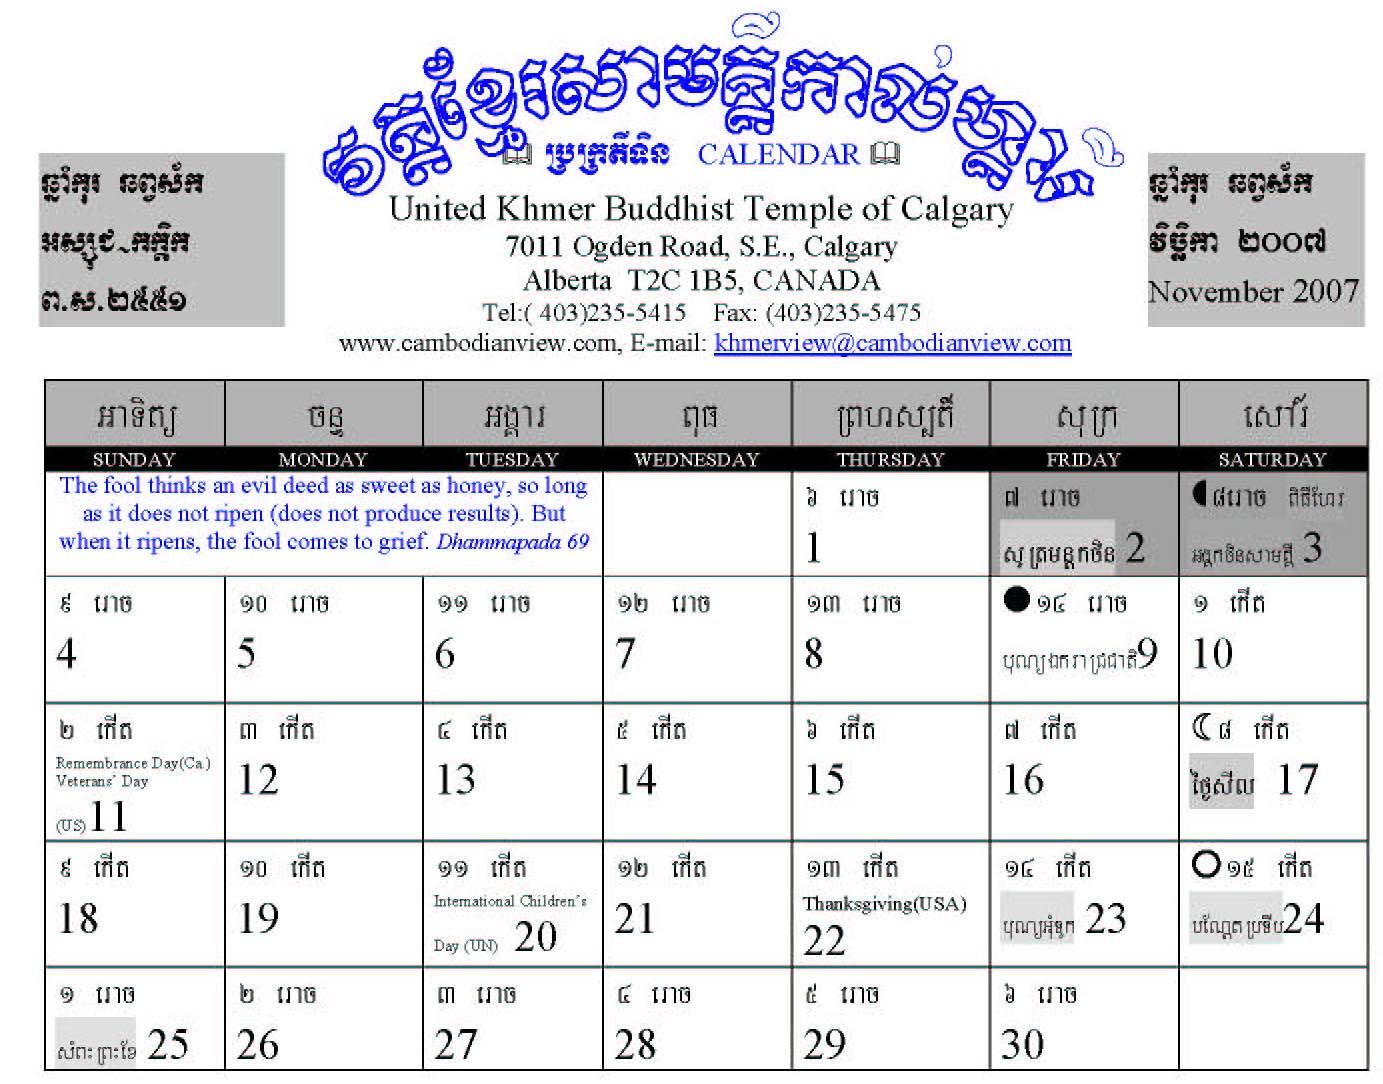 Category Calendar World Event 0 Nasionalis